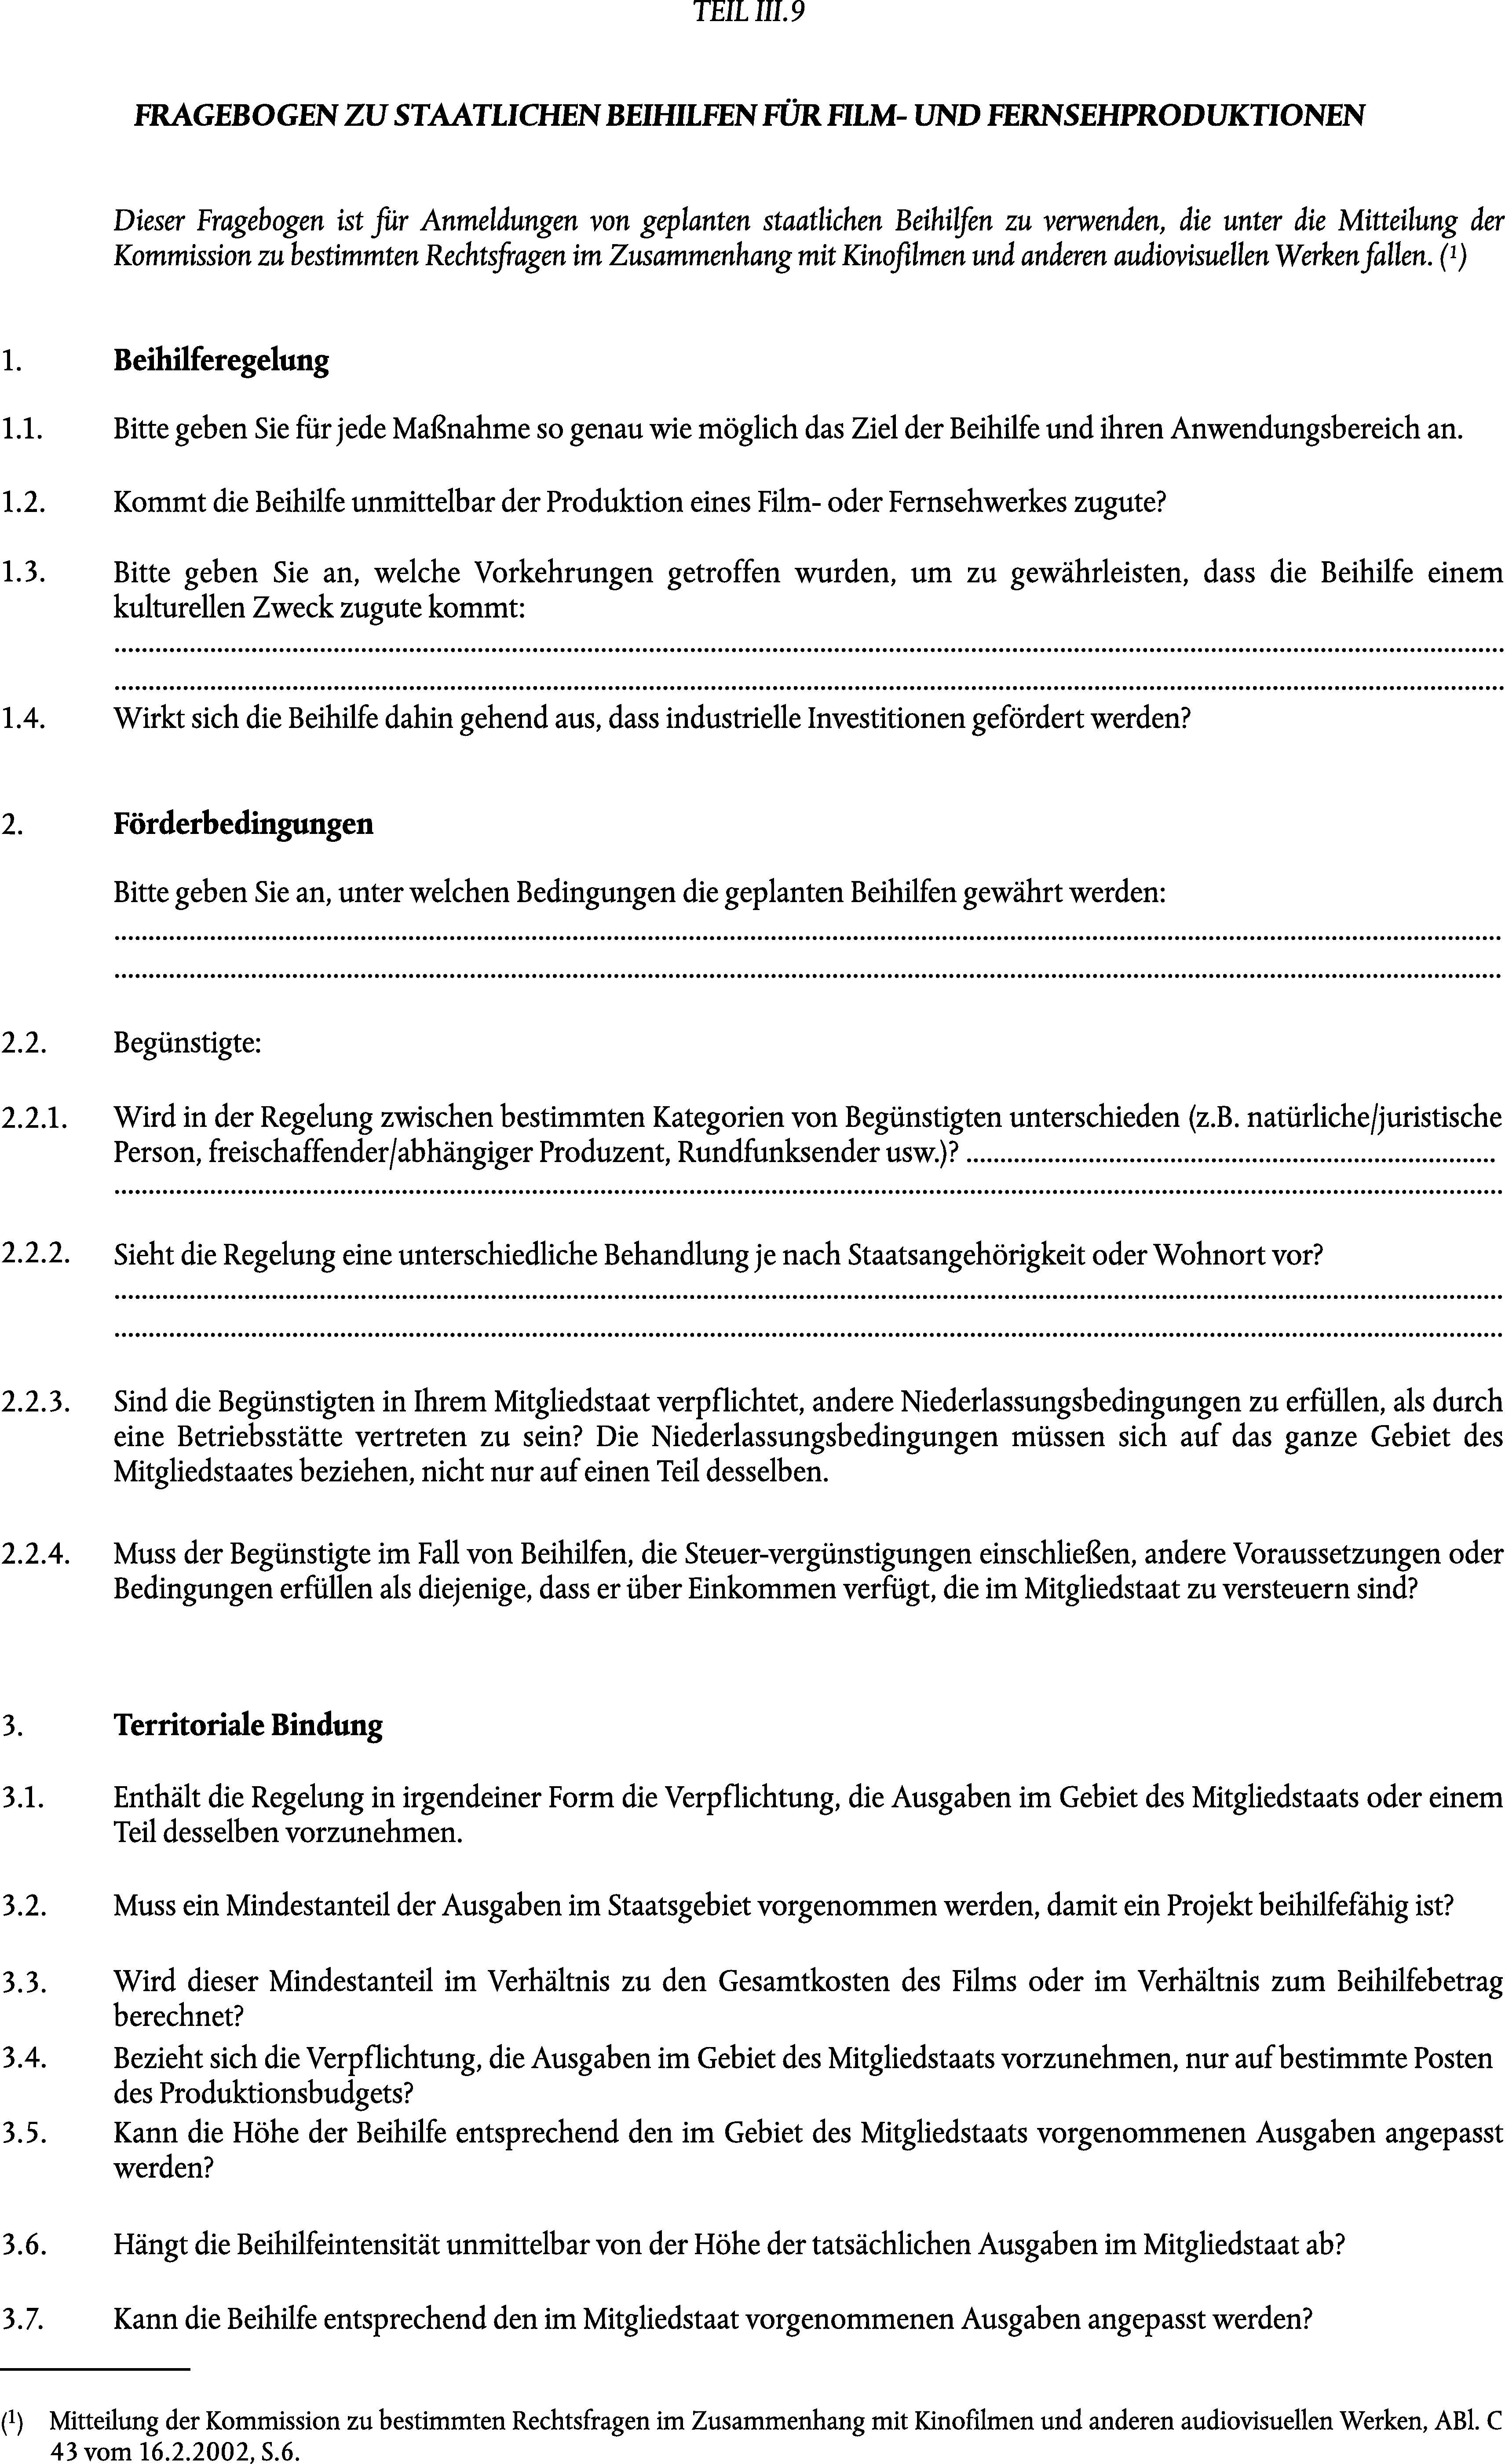 Berühmt Prämienvorlagen Zeitgenössisch - Entry Level Resume Vorlagen ...